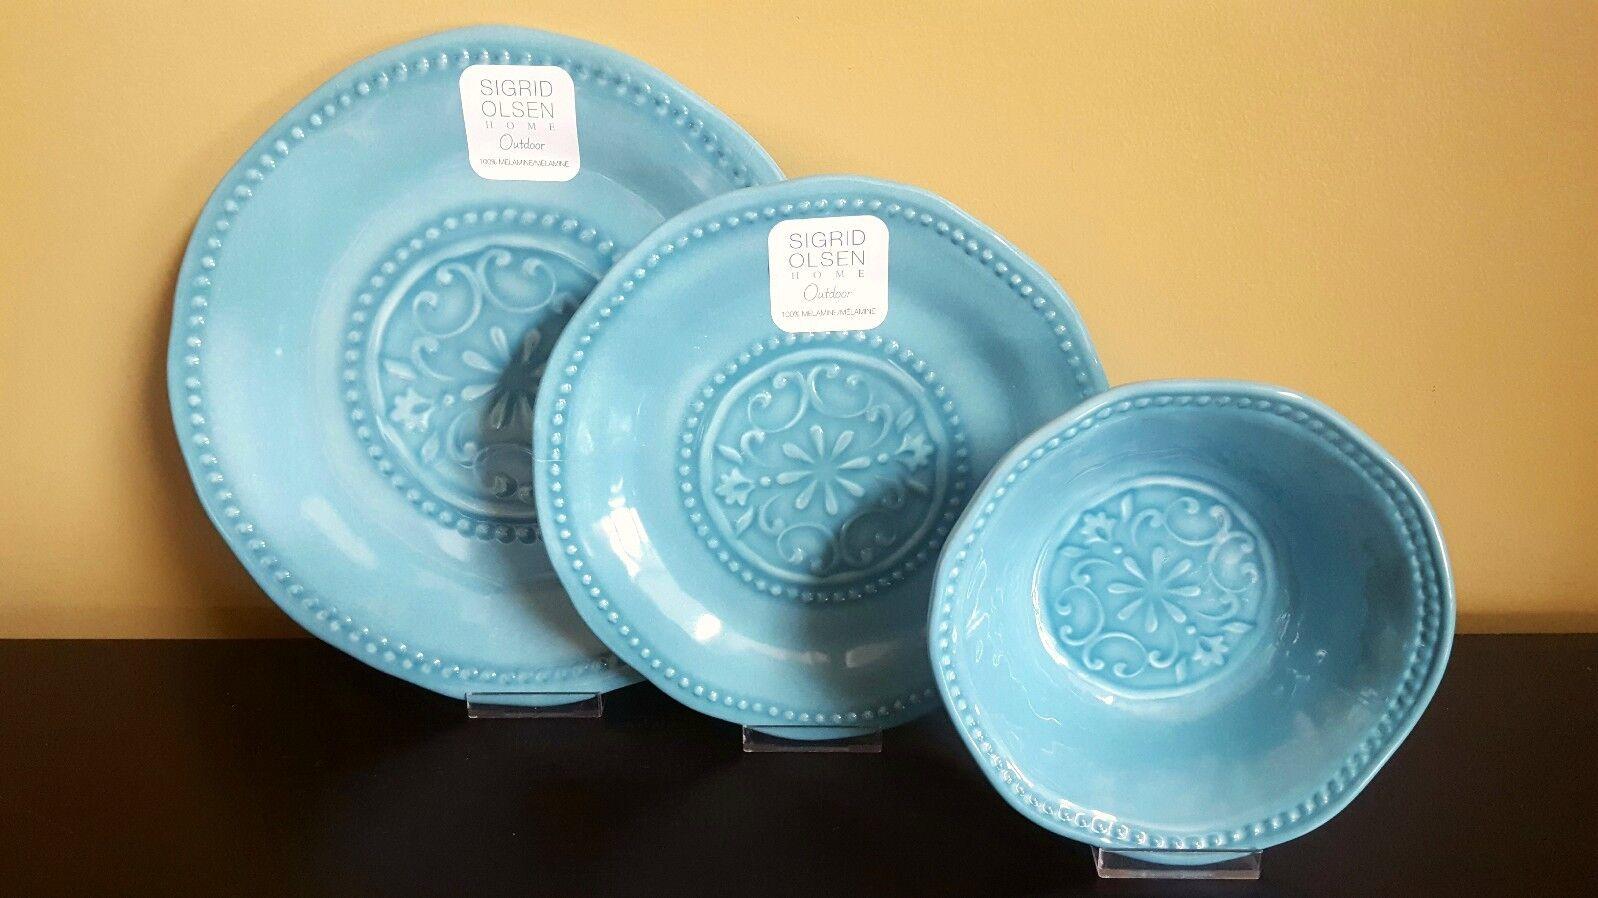 Sigrid Olsen Turquoise Médaillon cloutés mélamine assiettes bols vaisselle 12pc